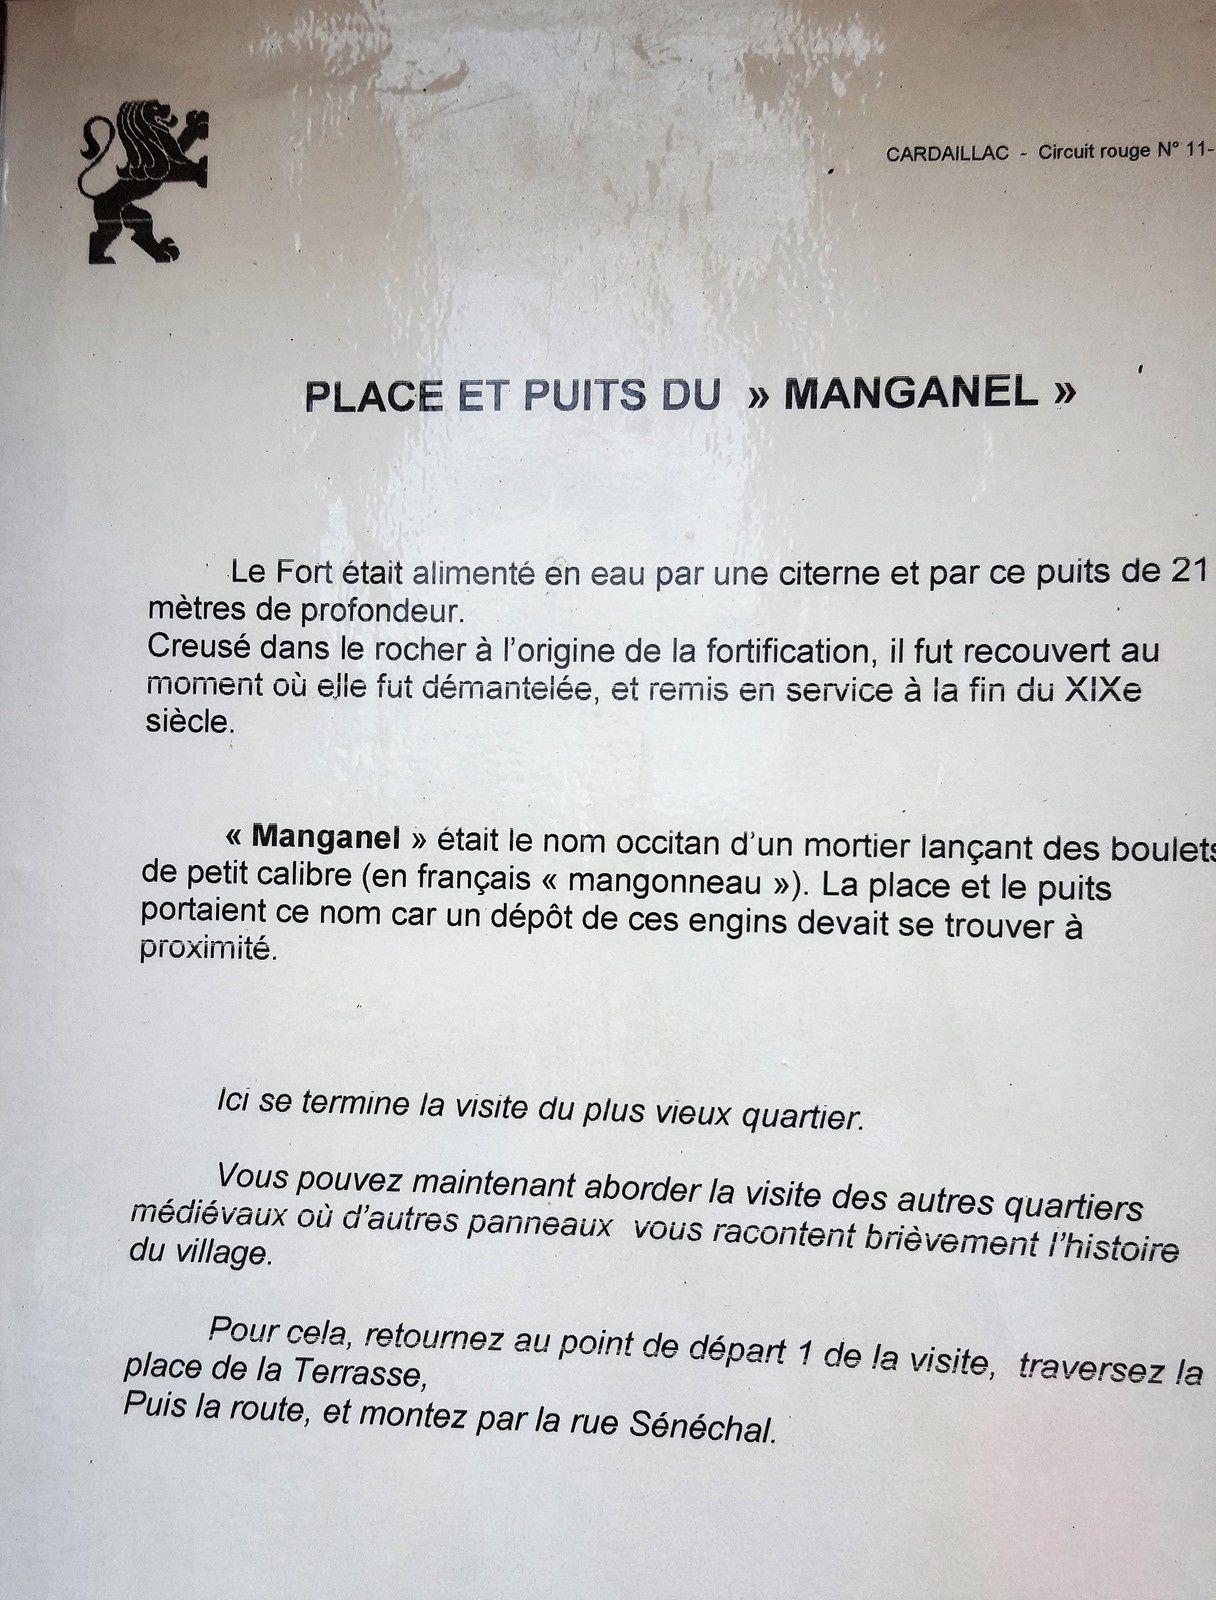 Cardaillac, circuit plan d'eau des Sagnes (46), le 23/07/2017